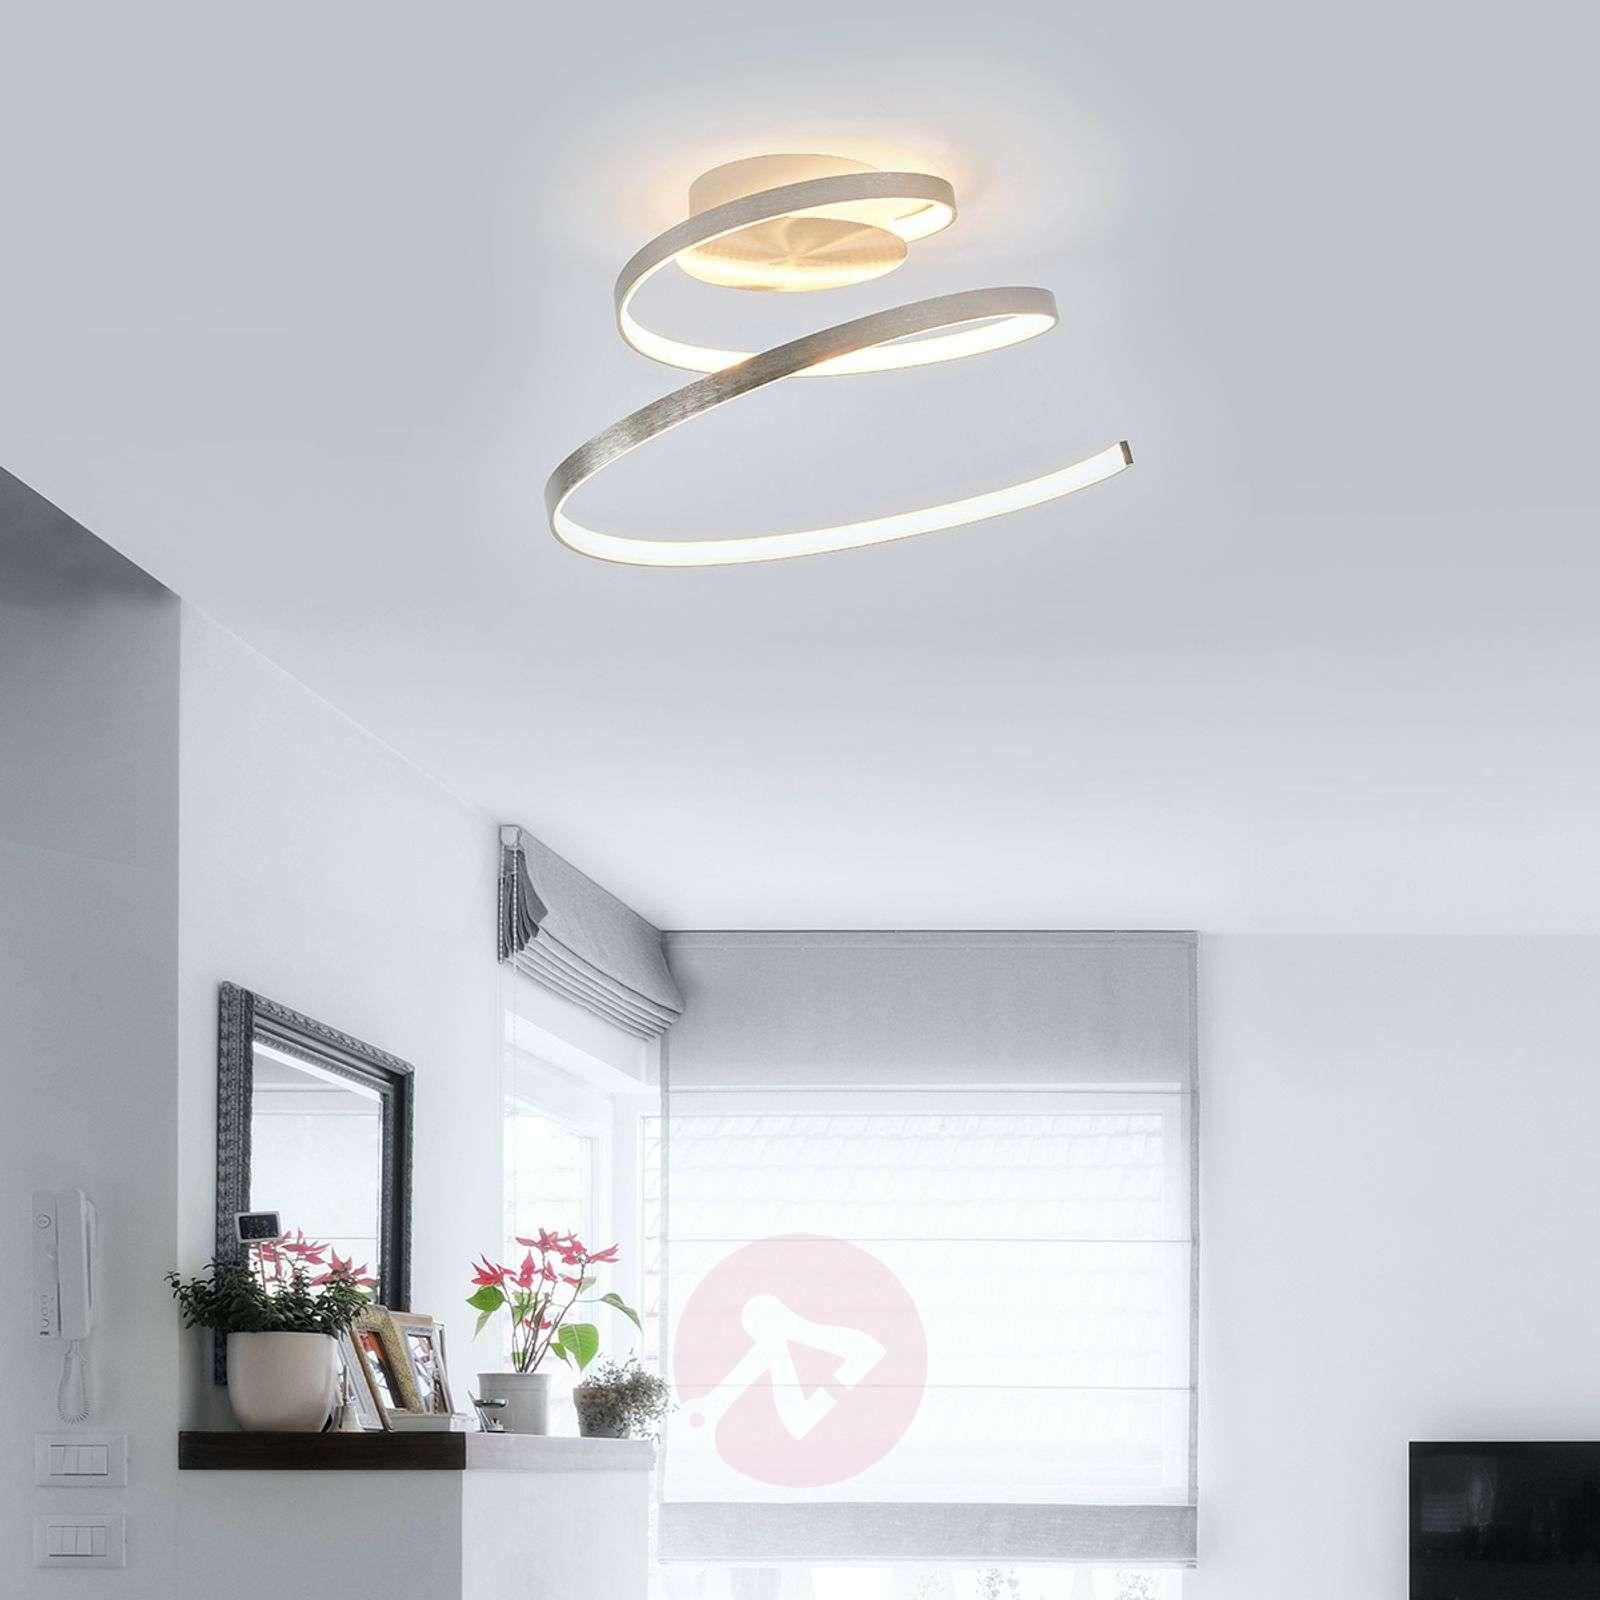 Junus spiral-shaped LED ceiling light-9985038-01